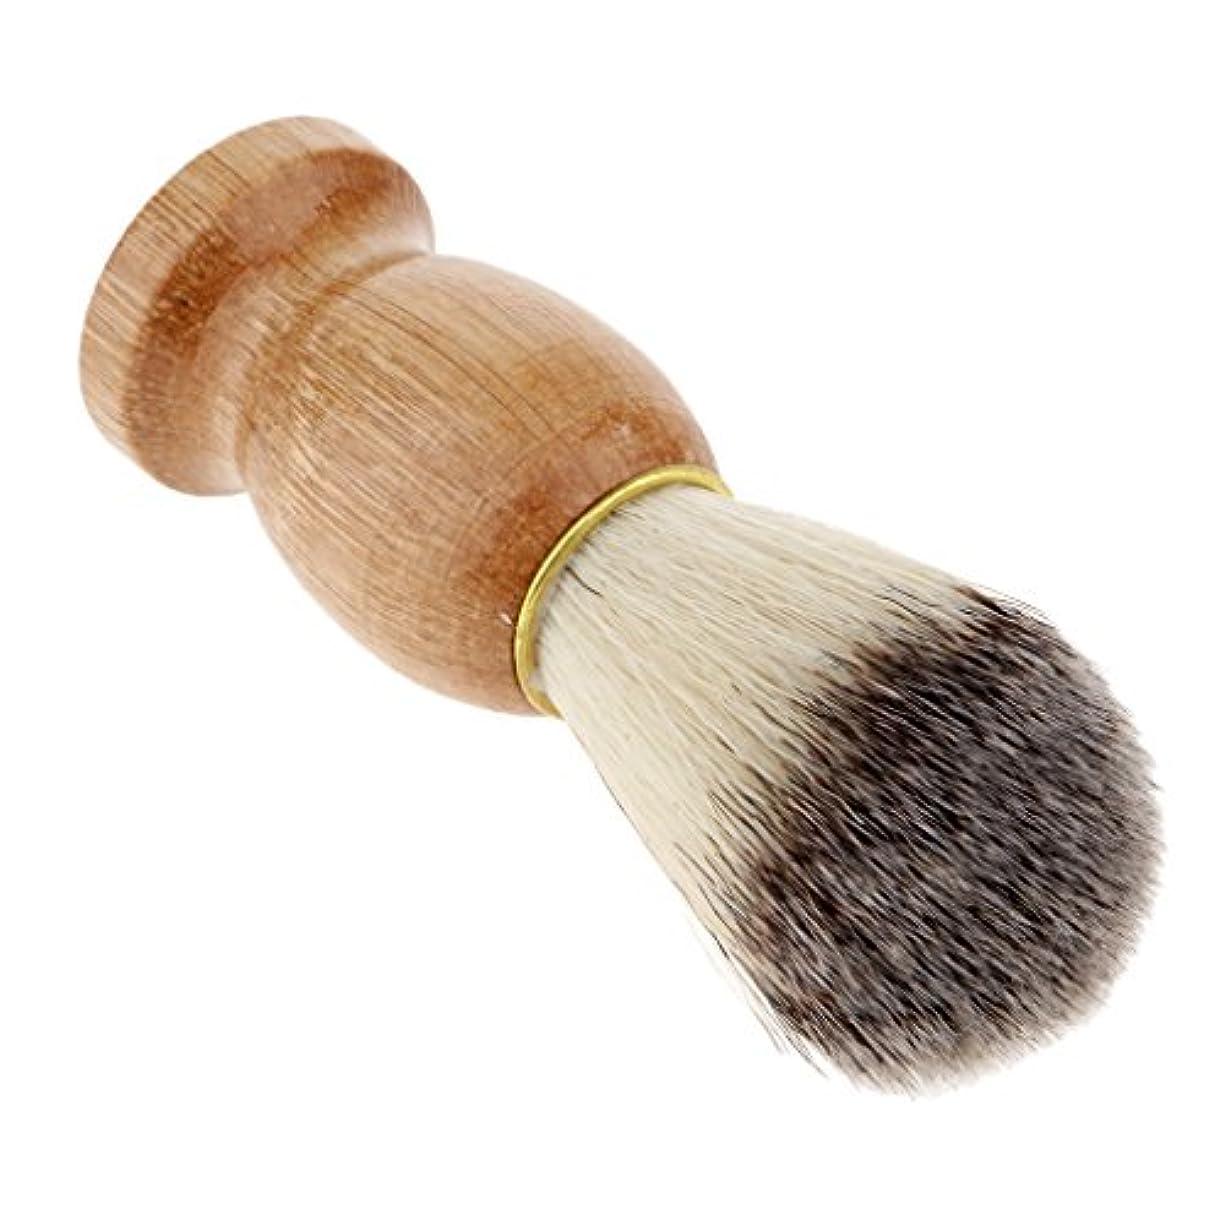 読むミケランジェロリンクFenteer シェービングブラシ 木製ハンドル 男性 ひげ剃りブラシ ひげ クレンジング